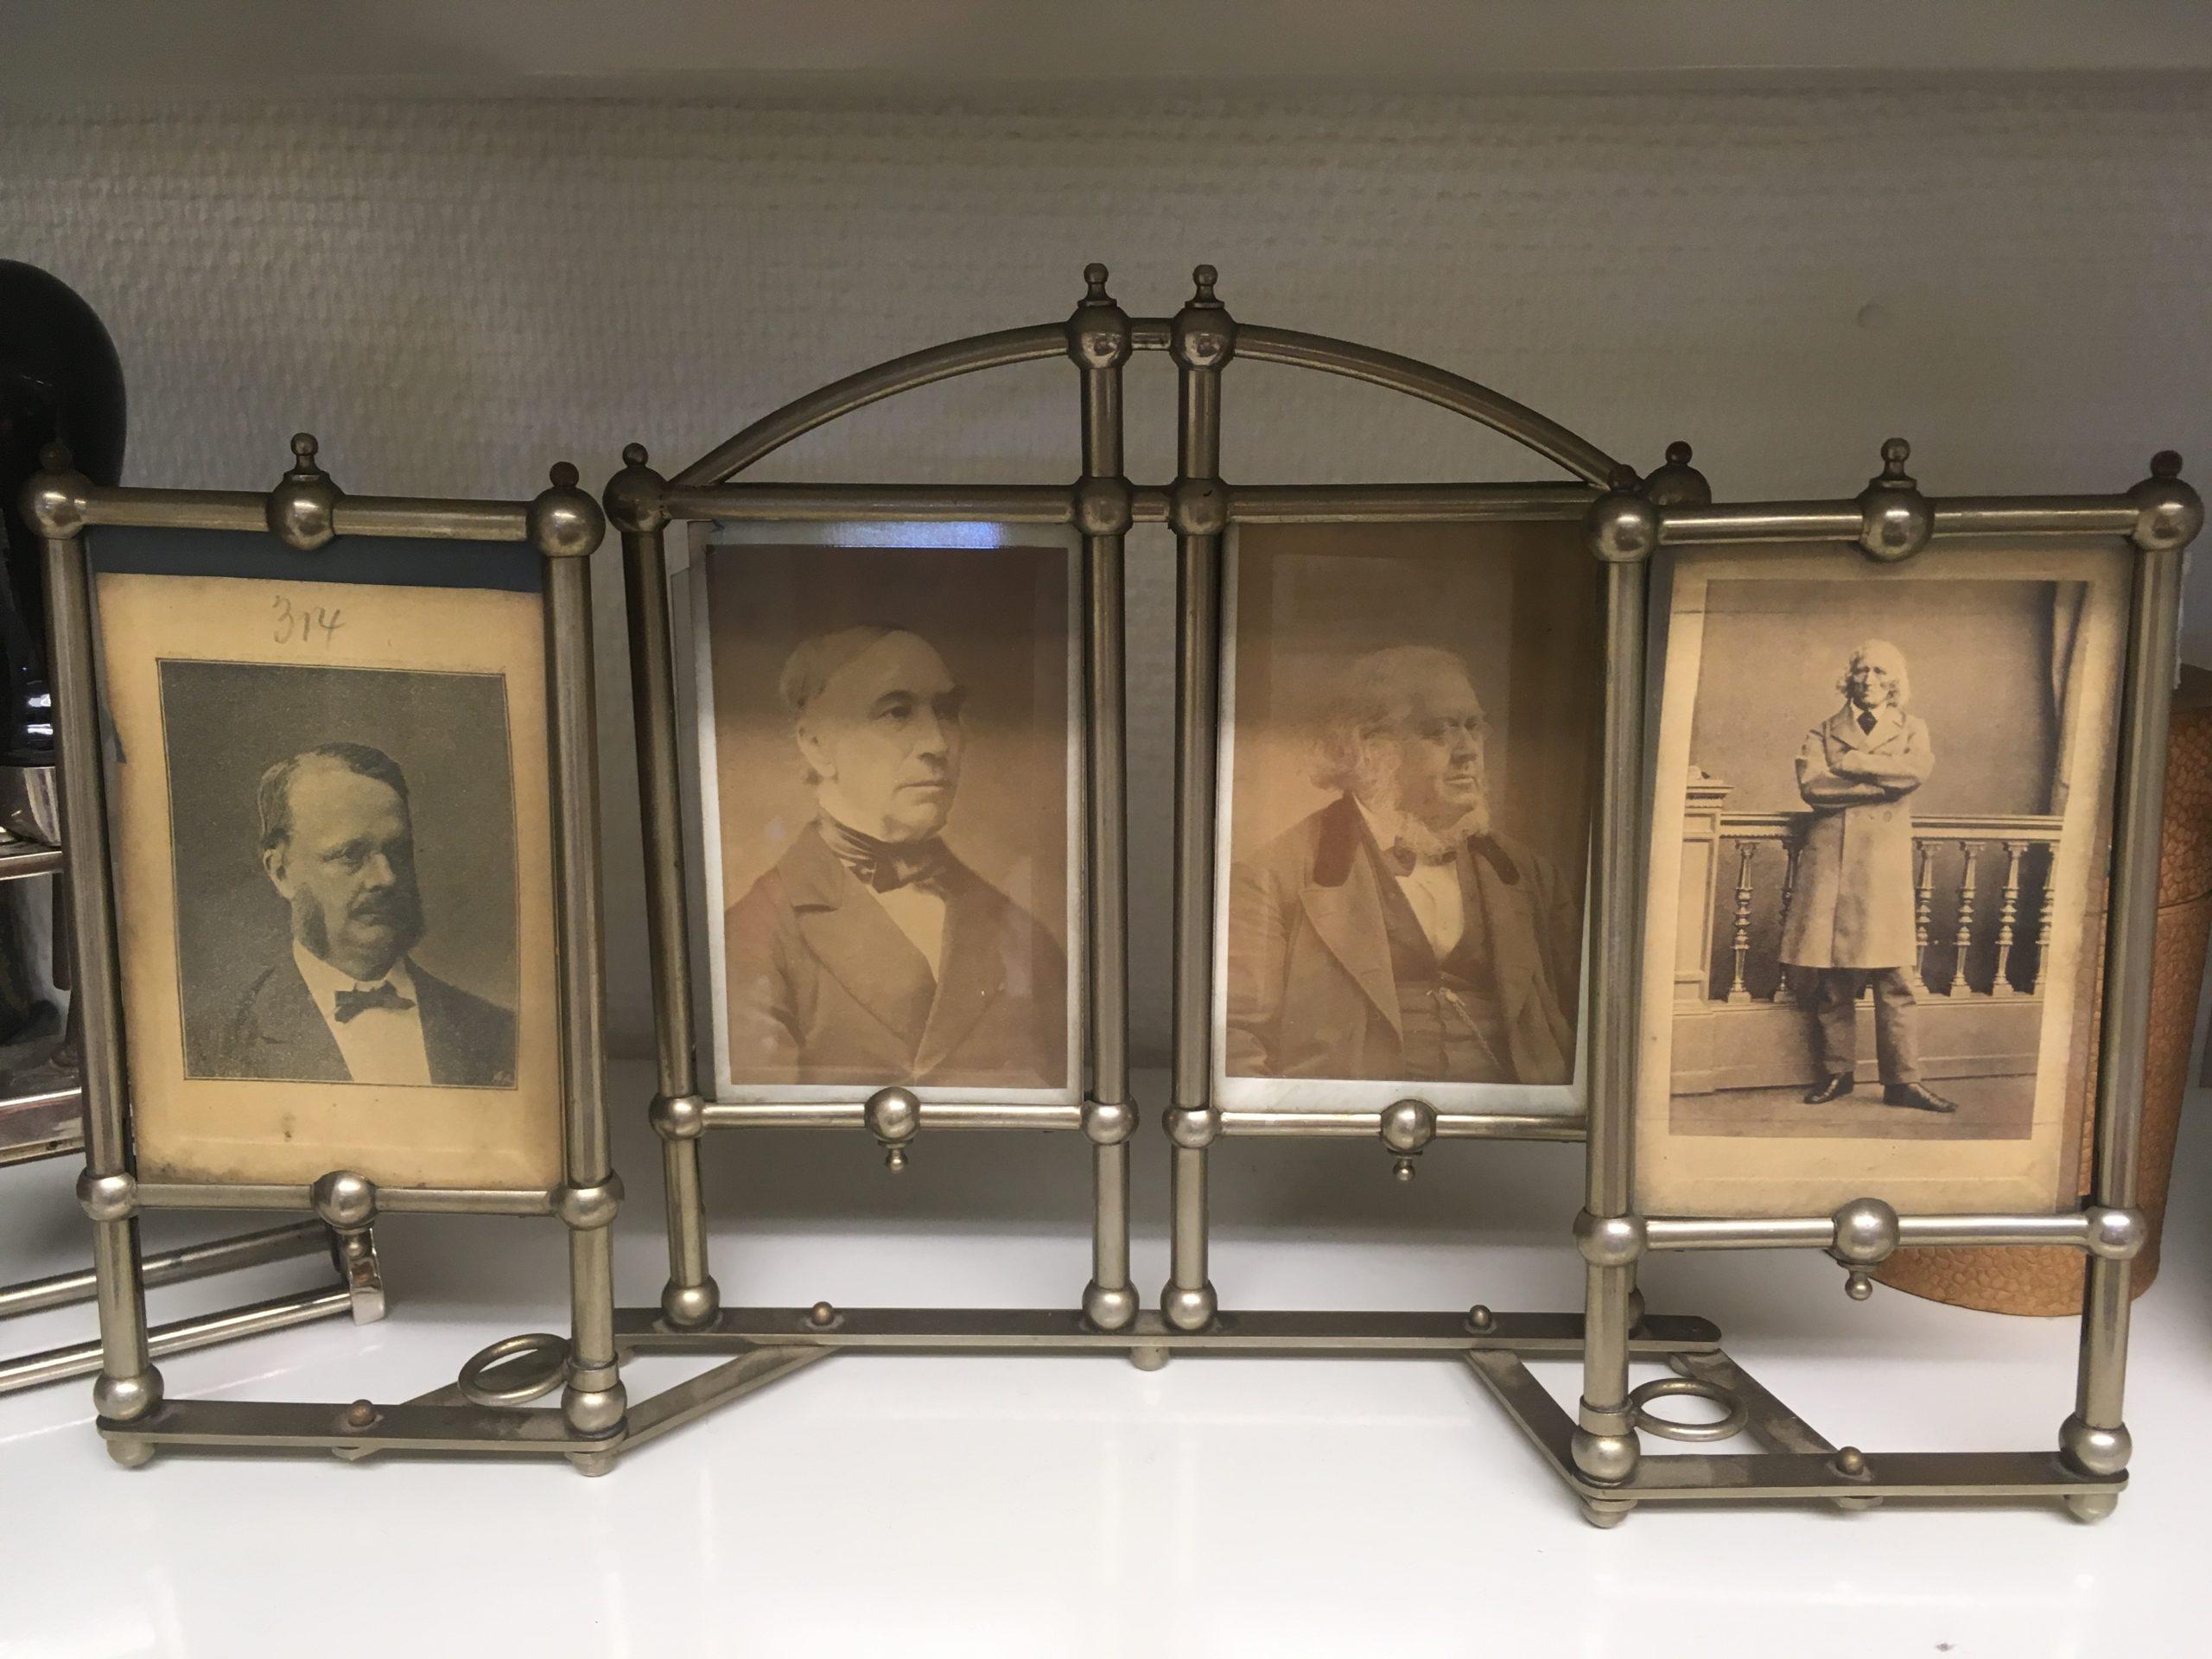 Fire svarthvitbilder i stående ramme